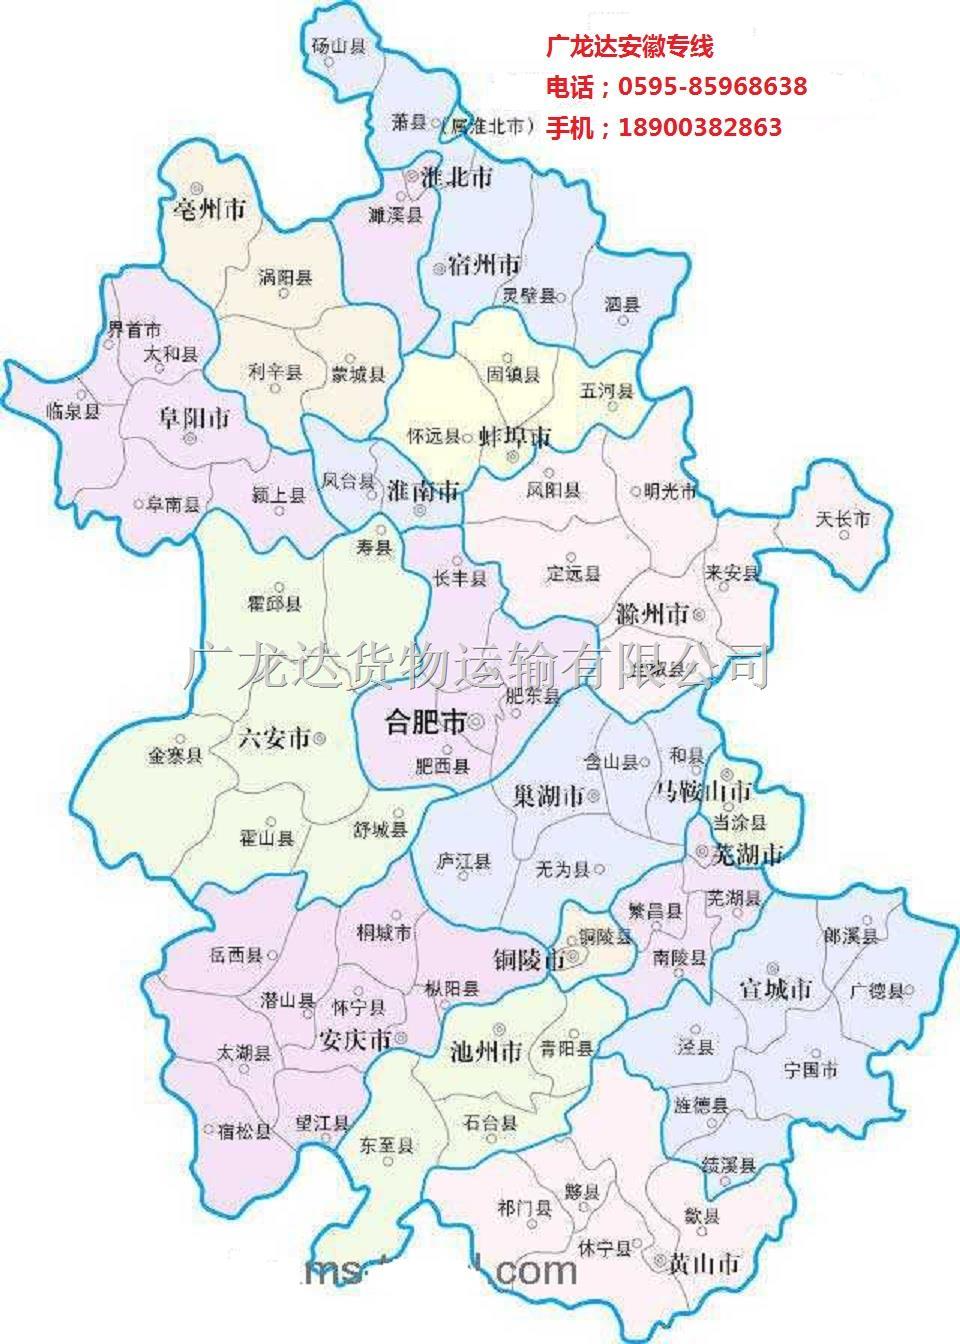 晋江市地图全图高清版